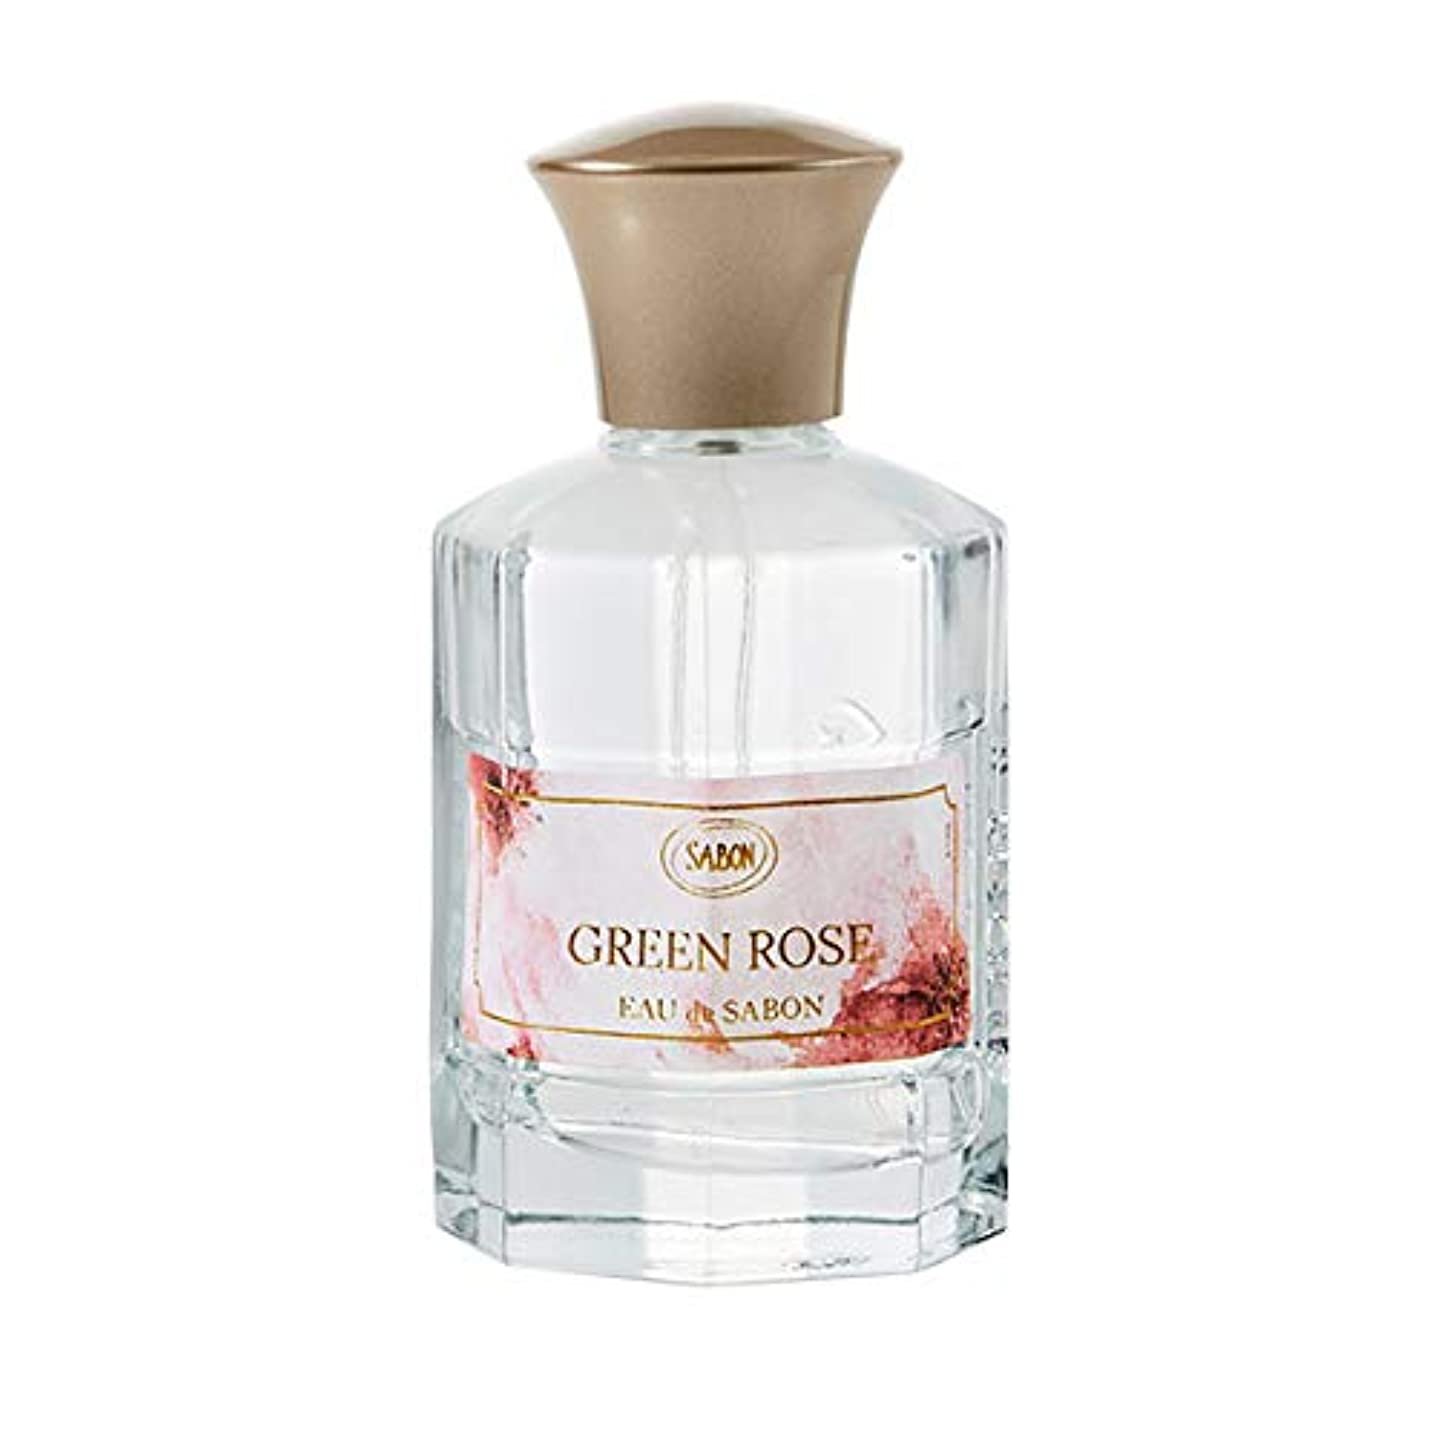 地元生き残り韻サボン SABON オー ドゥ サボン グリーンローズ ( GREEN ROSE ) 80ml オードトワレ フレグランス 香水 パフューム デイリーパフューム